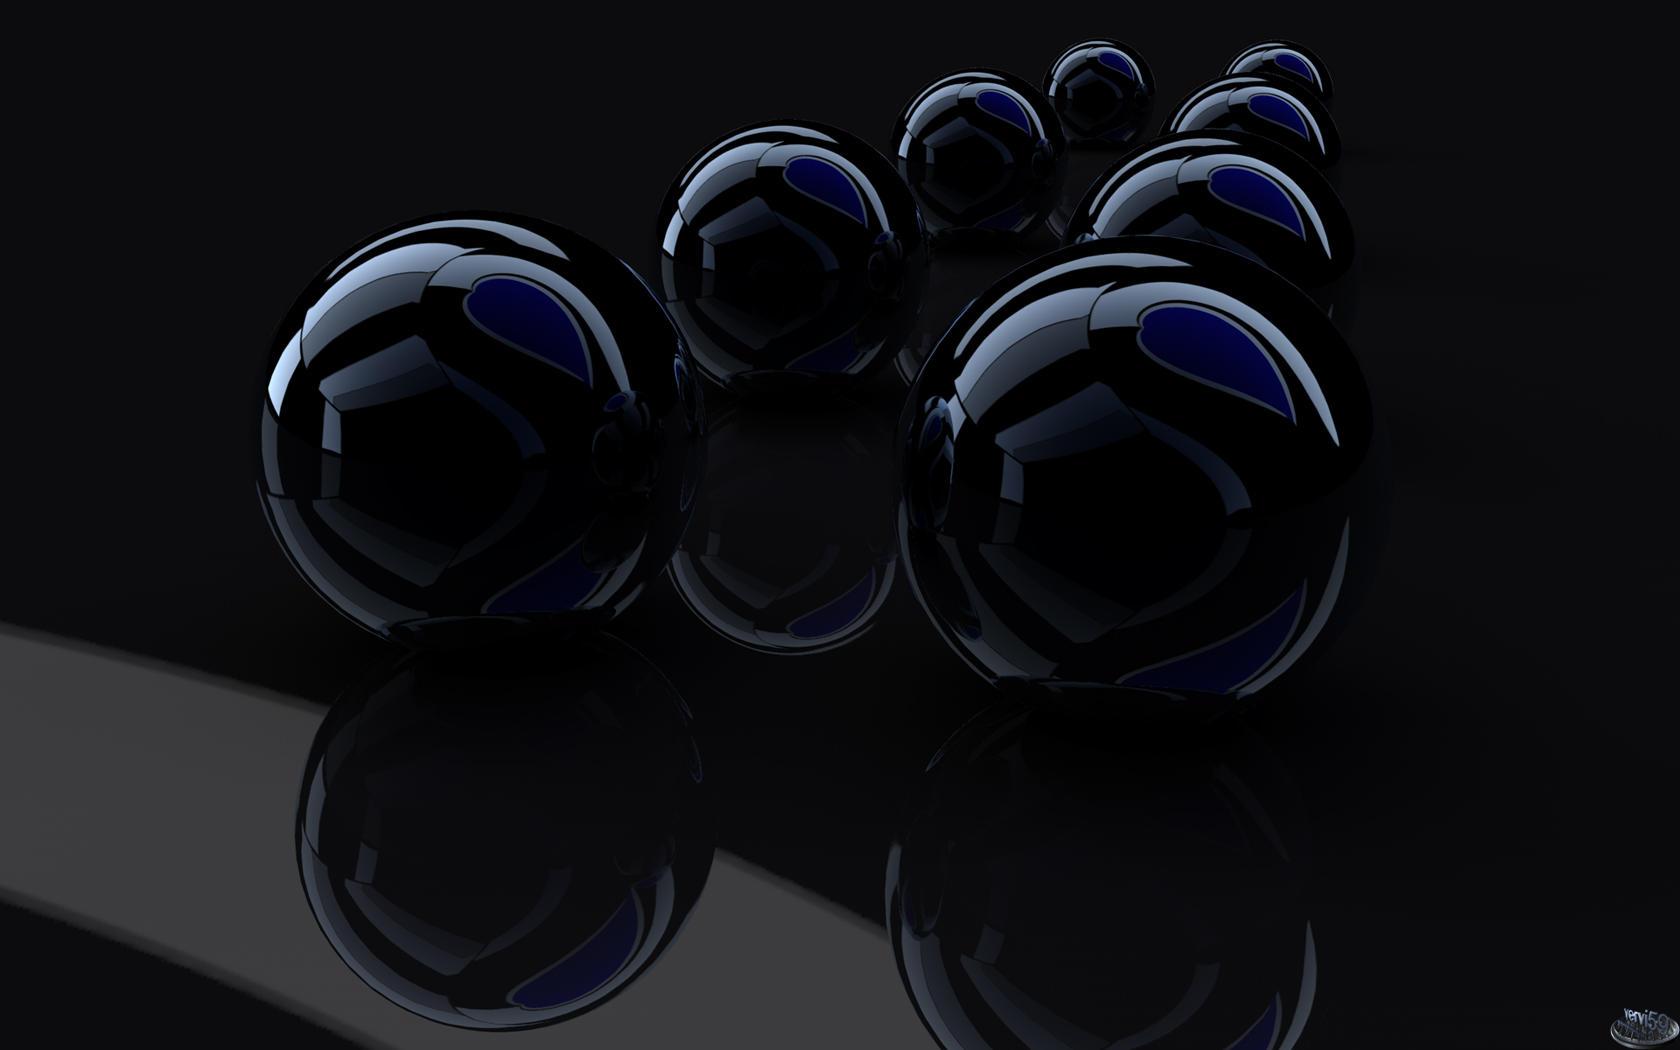 Dark balls Blue heart by vervi59